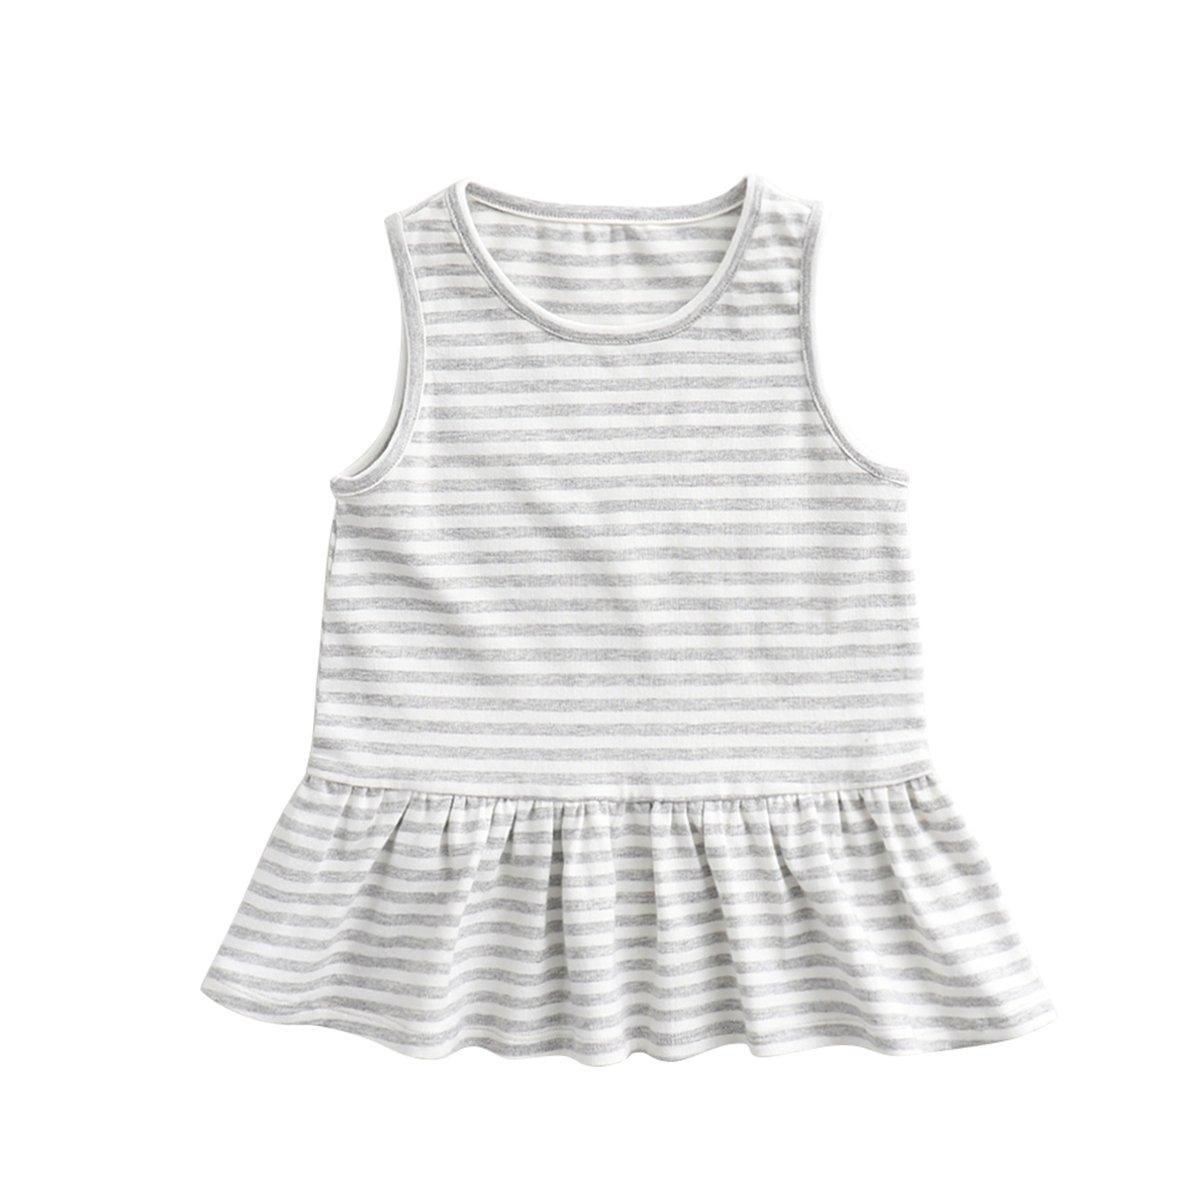 贅沢屋の marc janie 18 DRESS ベビーガールズ 18 Months (73 グレー cm) グレー marc ストライプ B07FPS54PP, Stimulite Honeycomb:b810cac6 --- arianechie.dominiotemporario.com